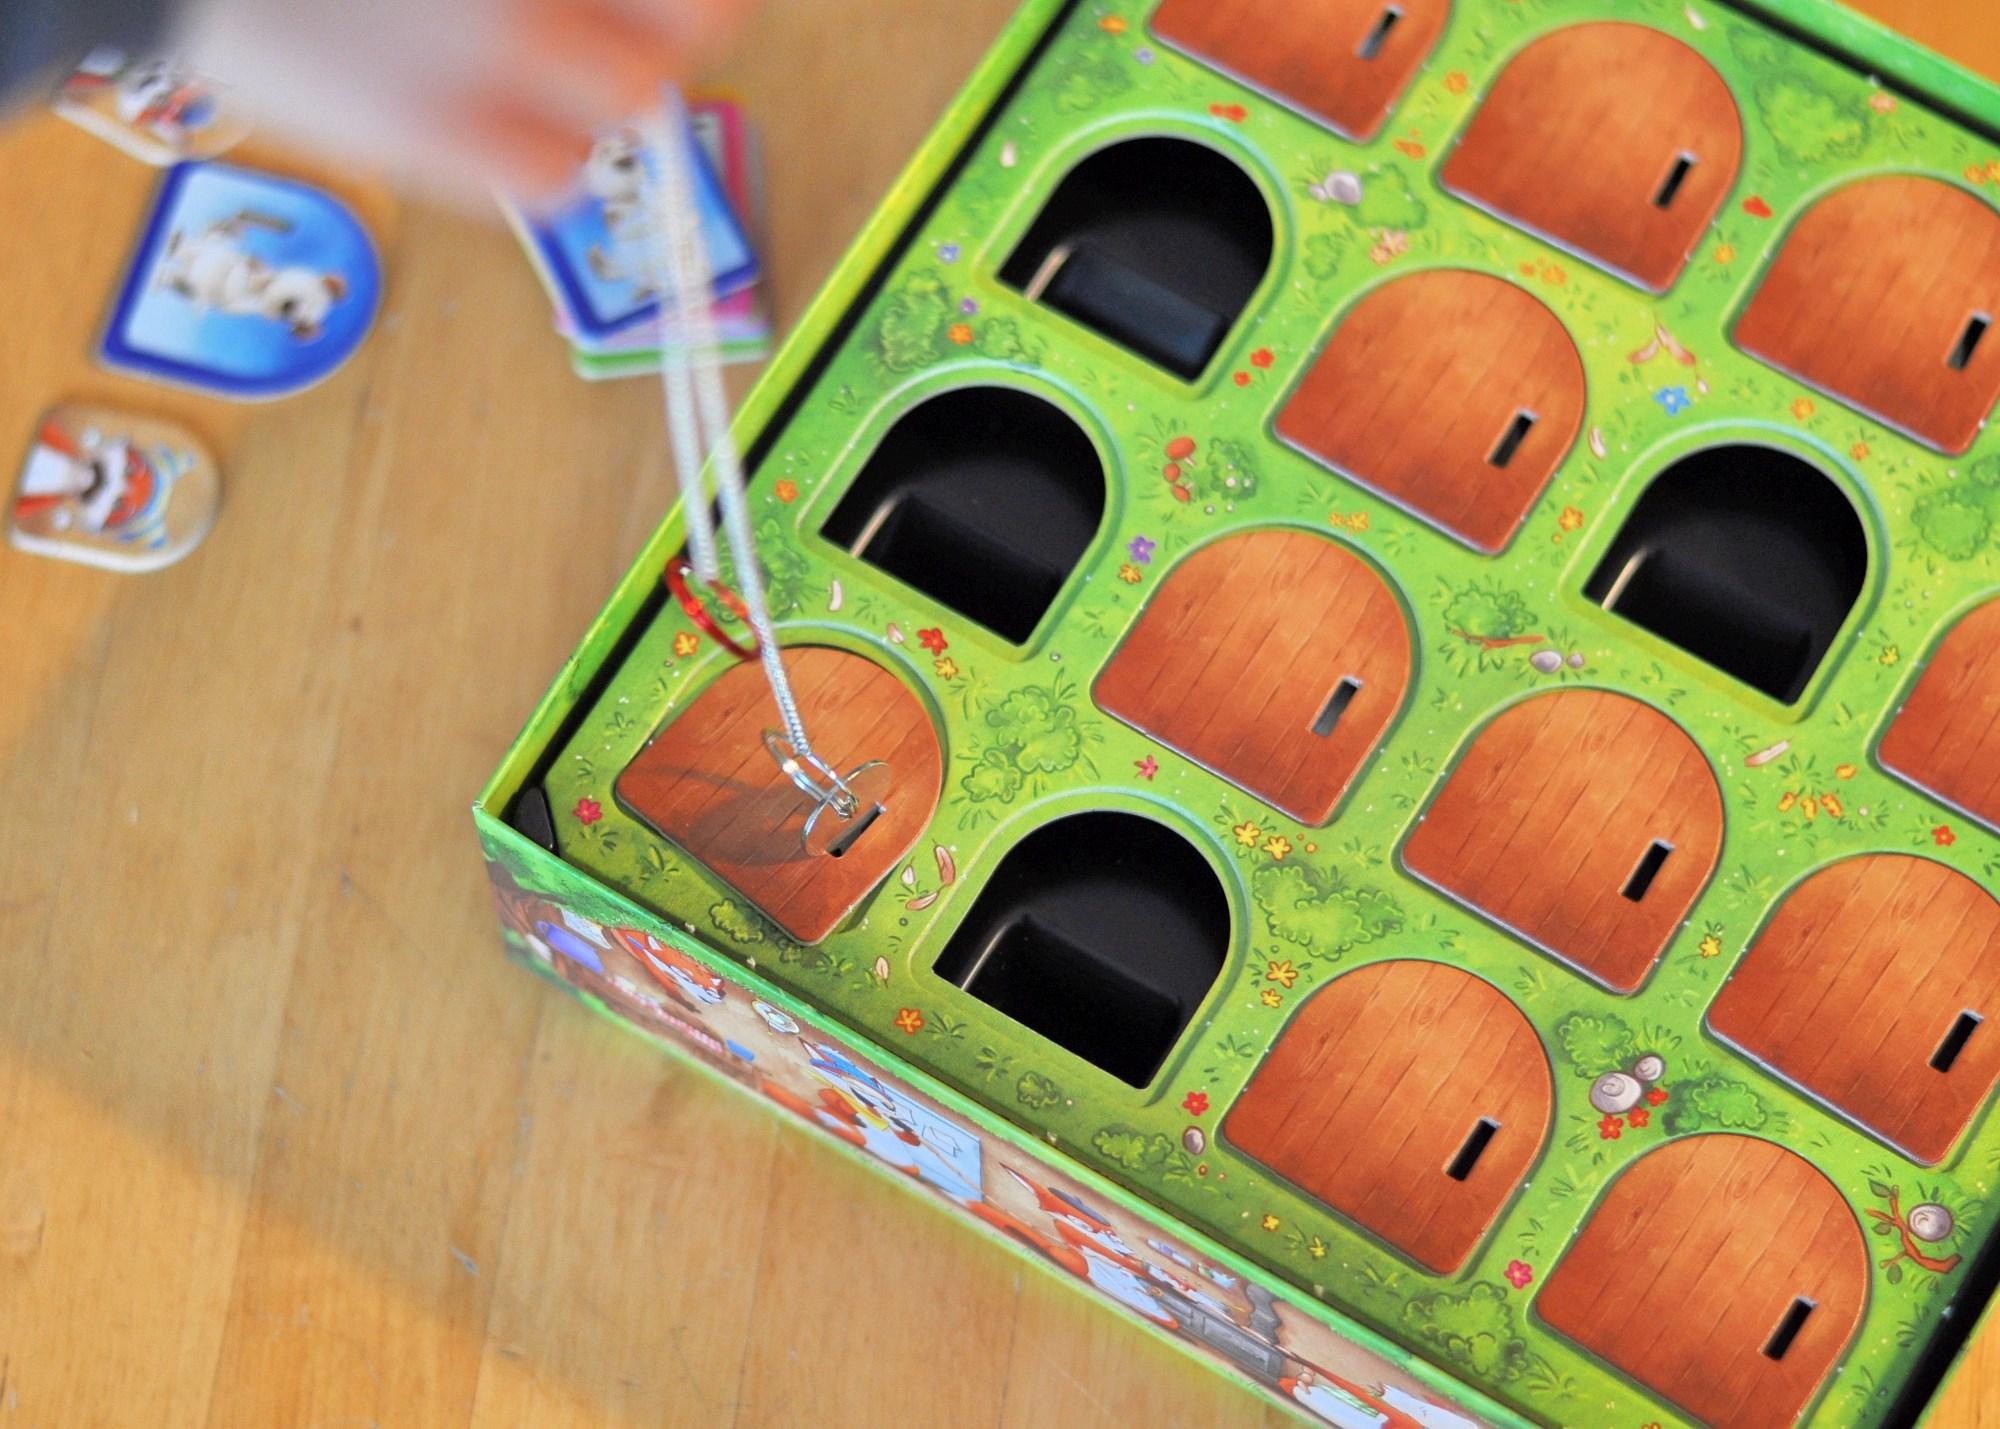 Fuchs du hast das Huhn gestohlen - Geschicklichkeitsspiel für kleine Detektive, Rezension auf Mutter&Söhnchen